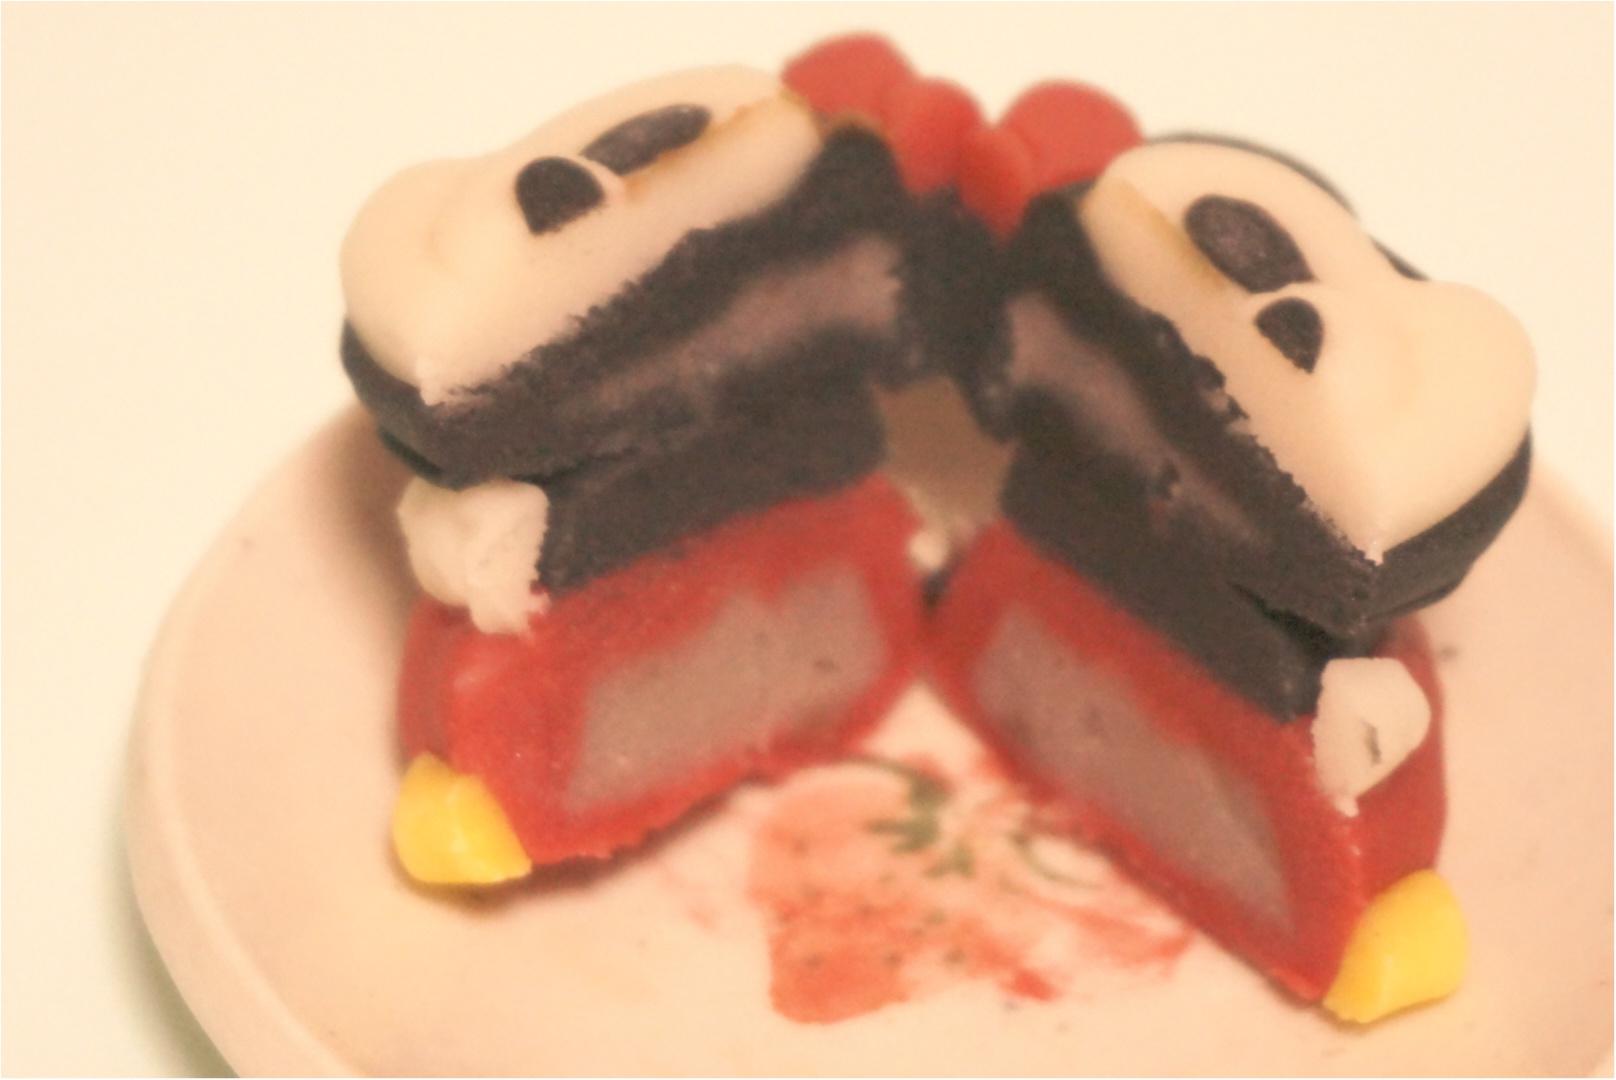 【3日間限定‼︎】ミッキーとミニーが可愛い和菓子に大変身( ´艸`)♡セブンで3日間だけ限定発売✨_5